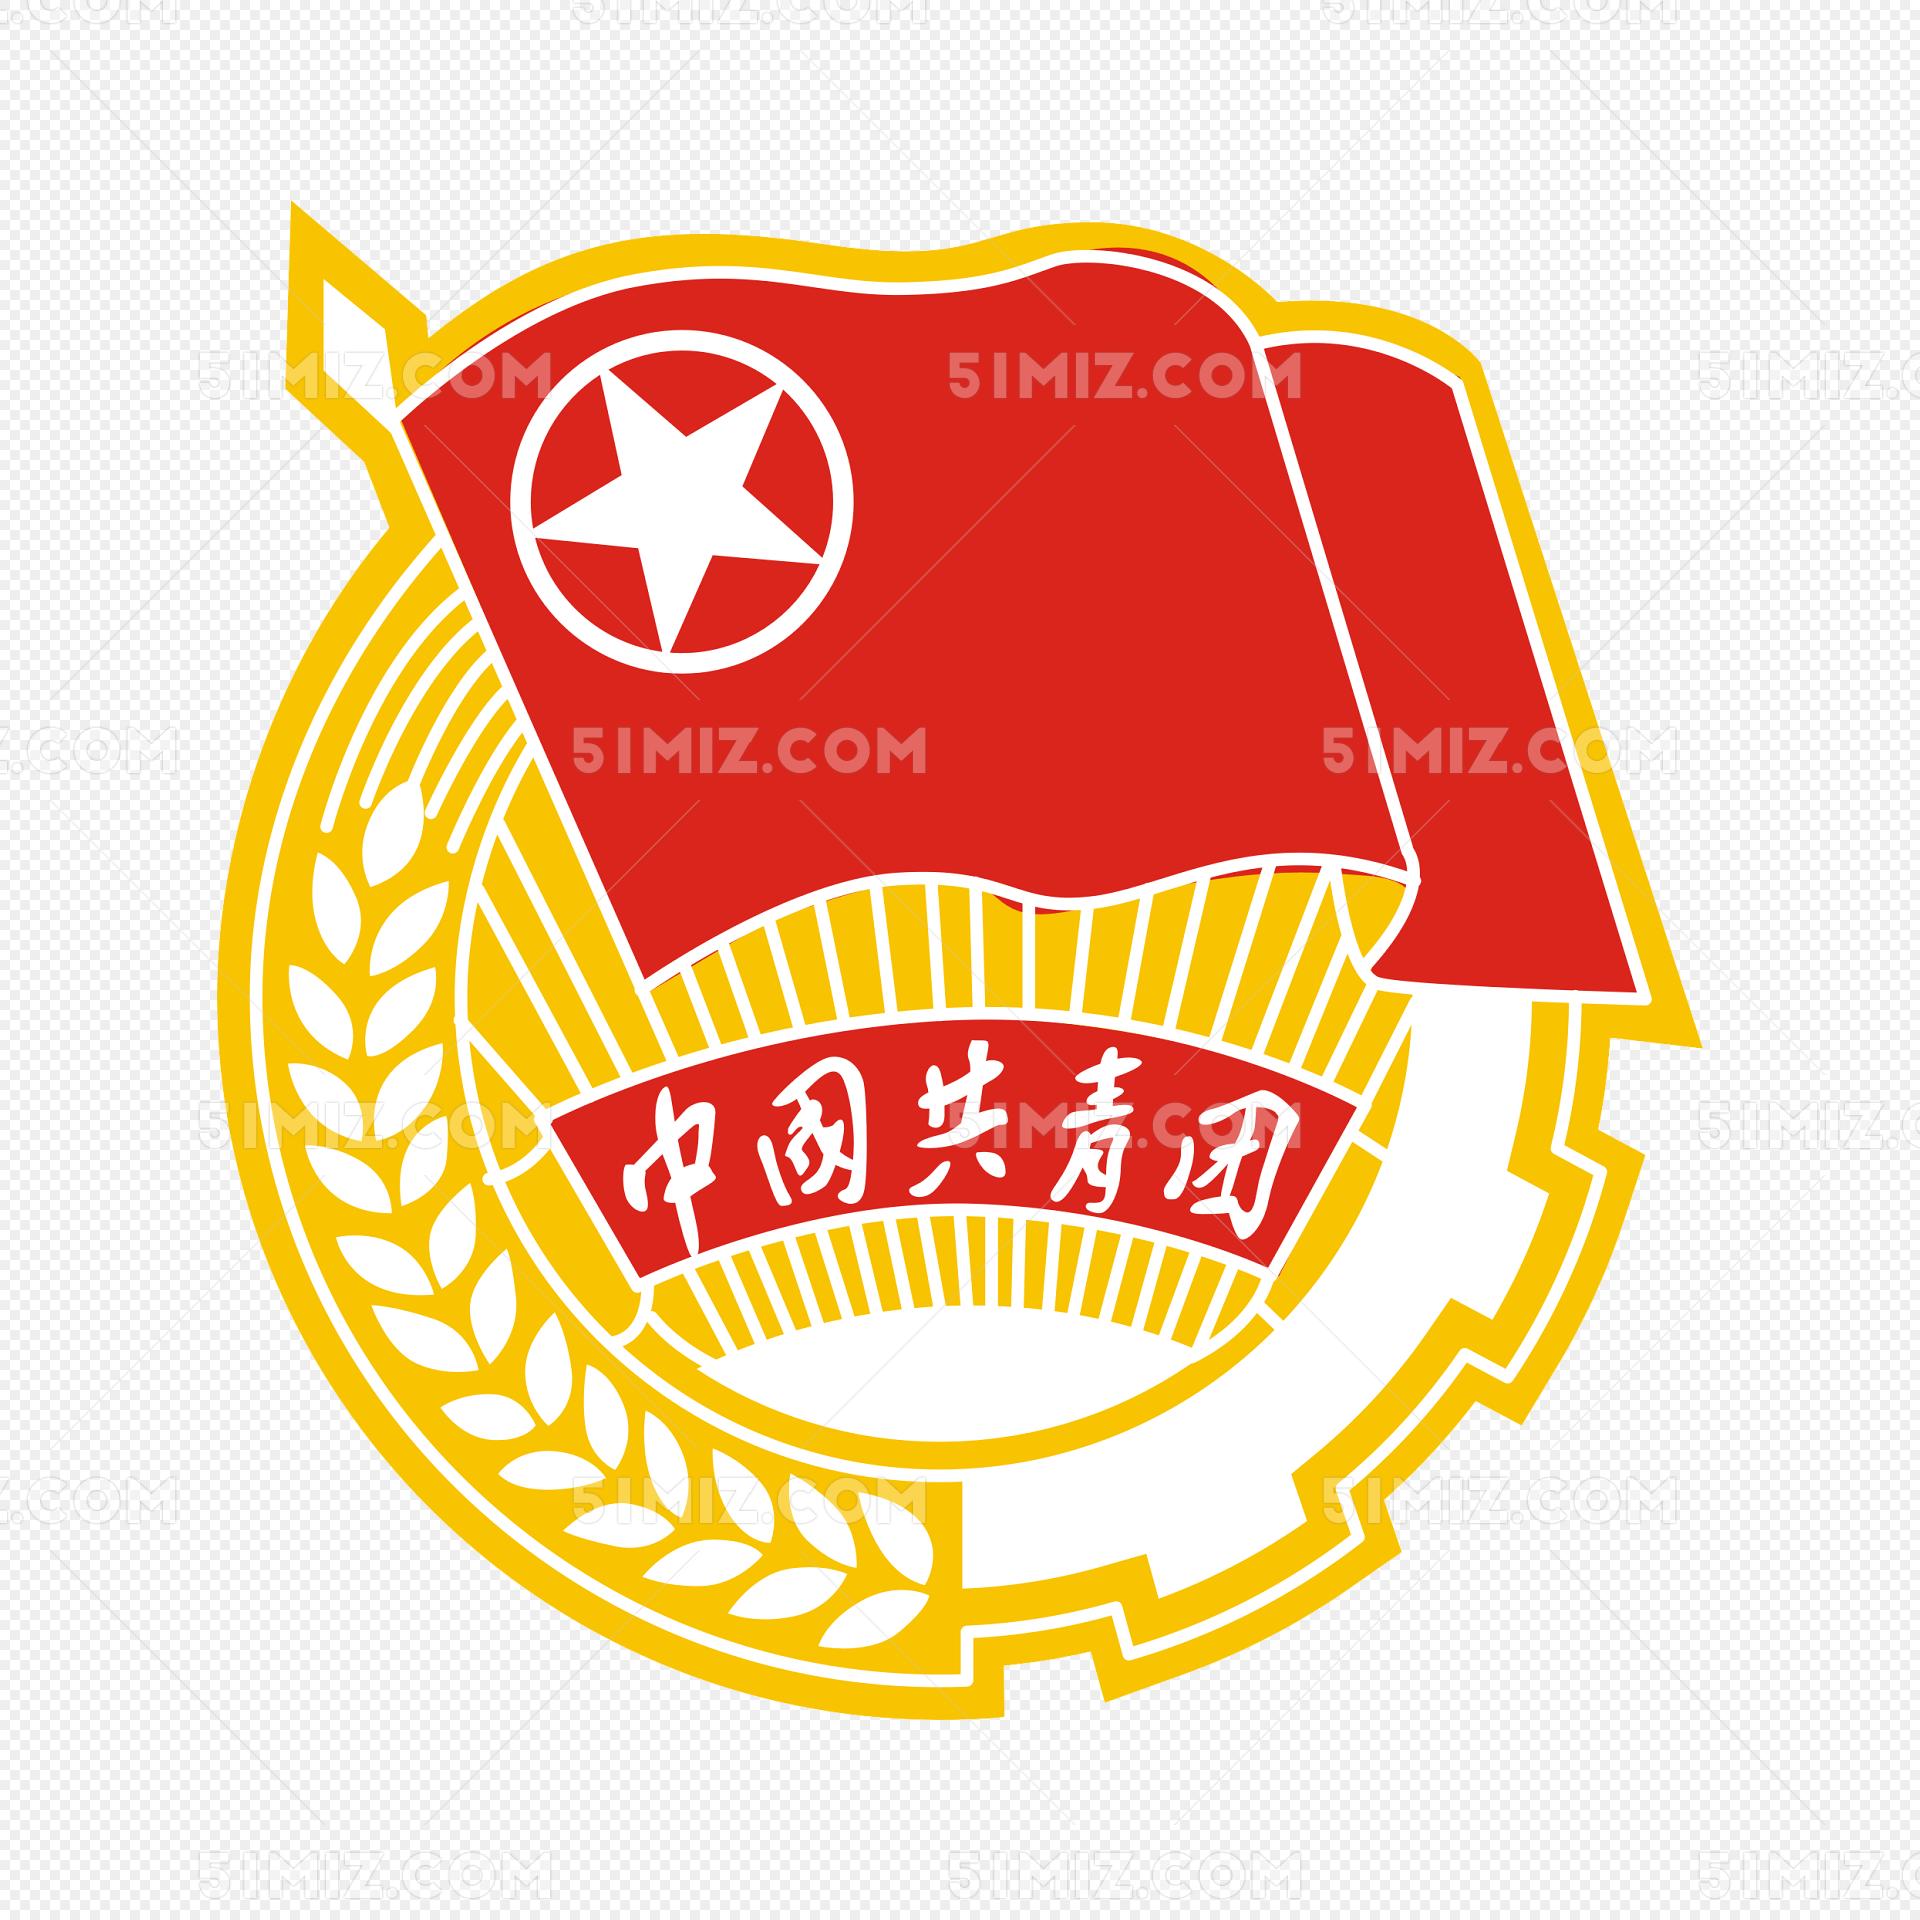 徽章中国团徽矢量图图片素材免费下载_觅知网